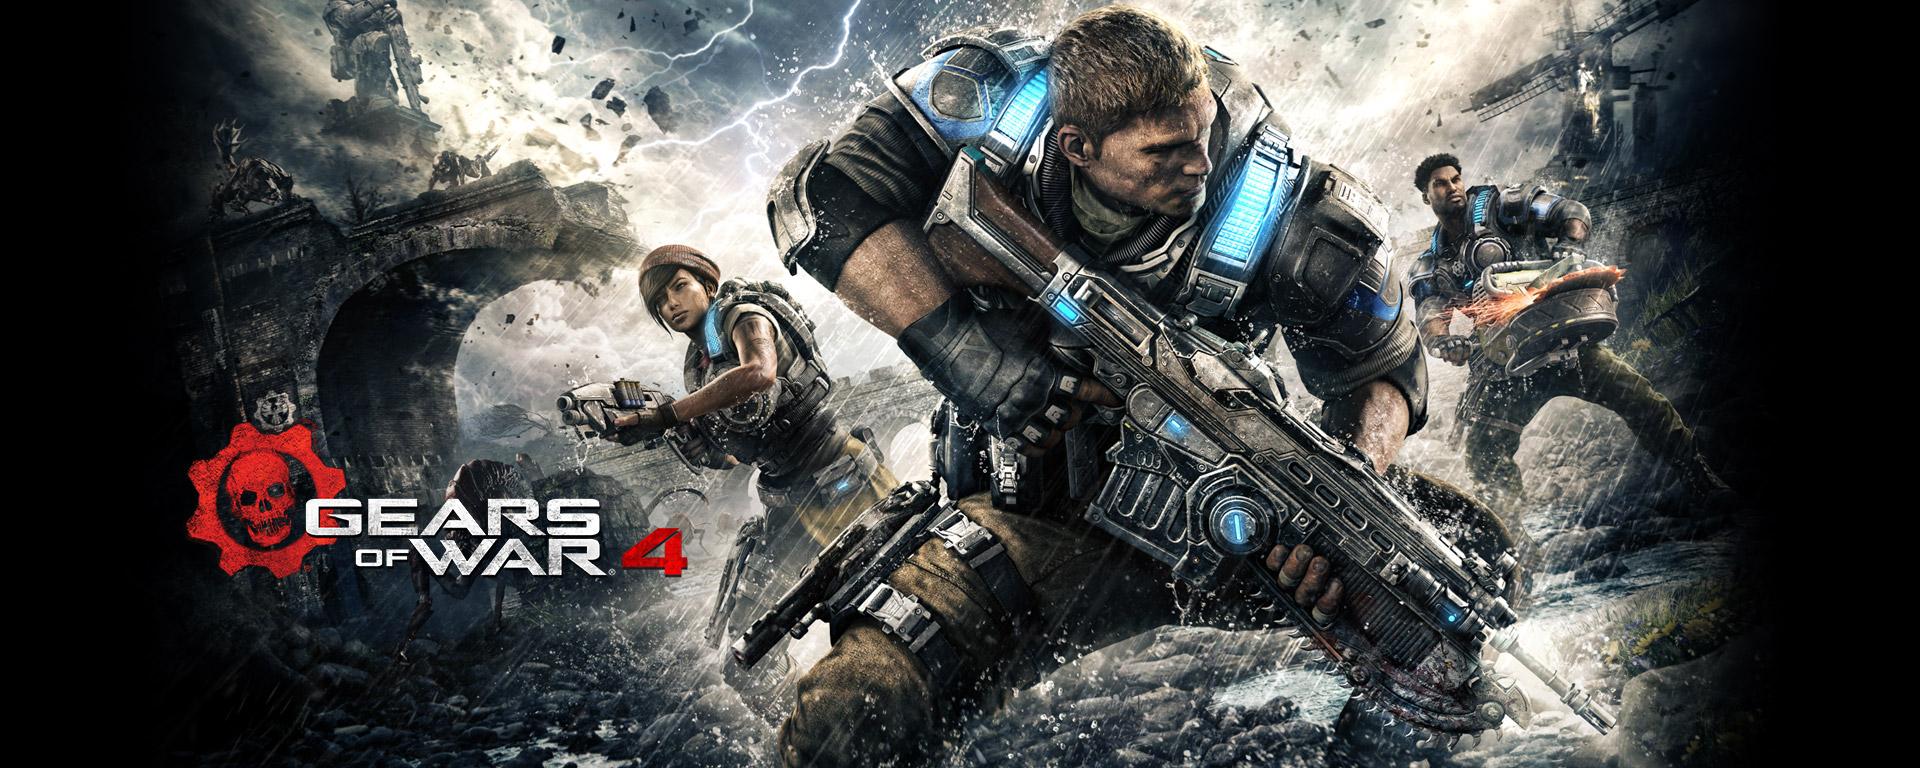 Cliquez sur l'image pour la voir en taille réelle  Nom : Gears of War 4.jpg Affichages : 49 Taille : 495,8 Ko ID : 266487